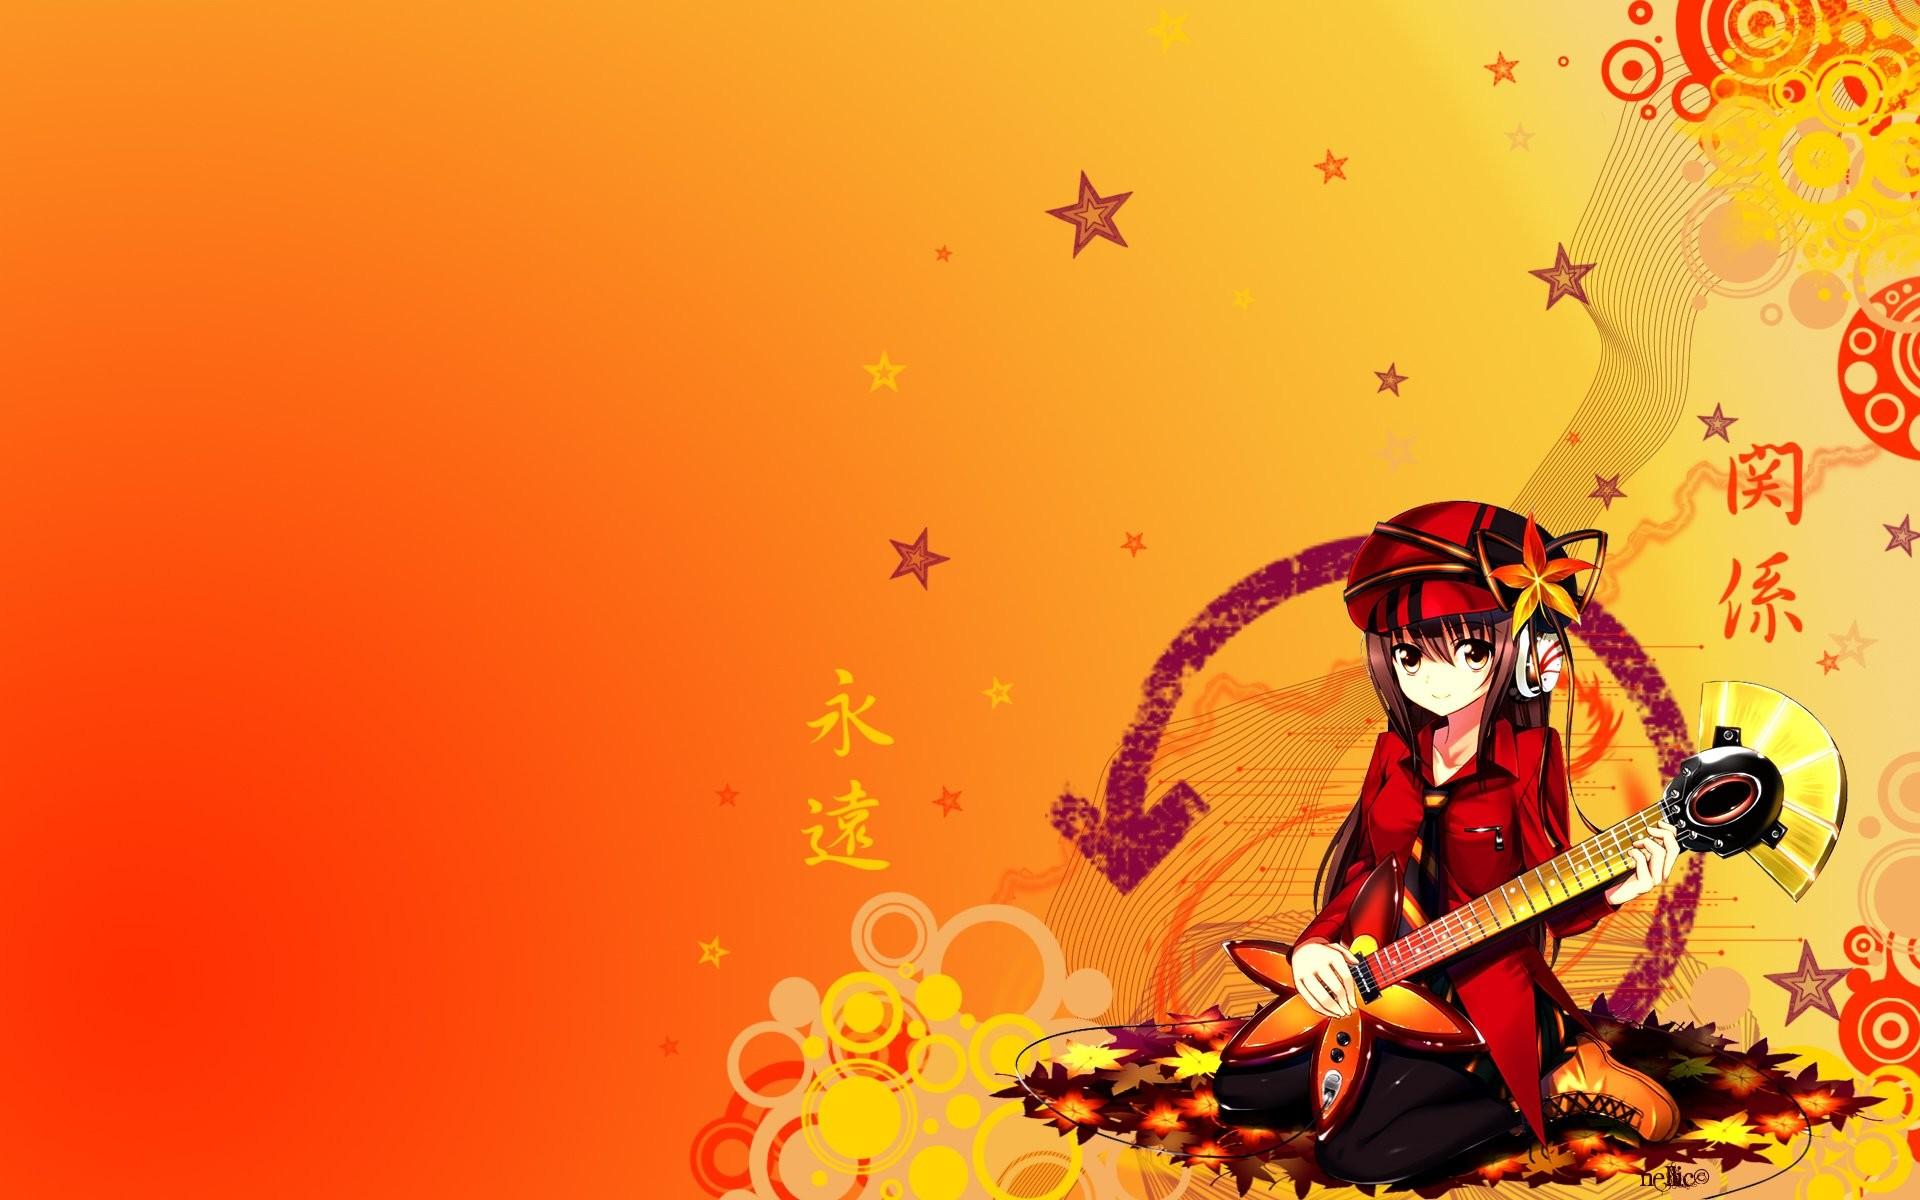 Anime Music Wallpaper